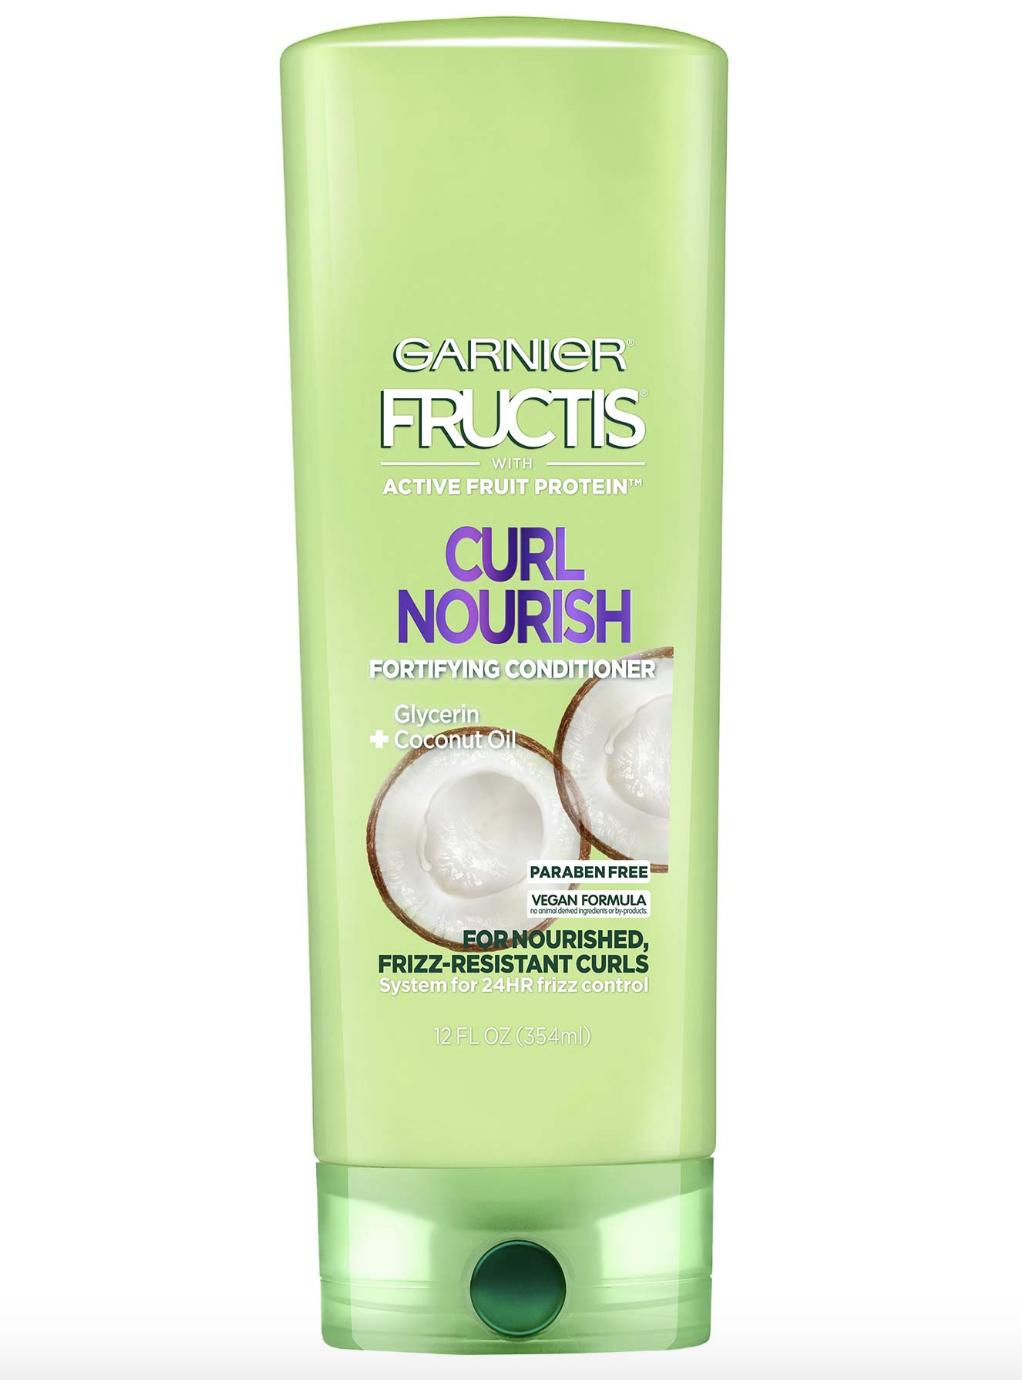 garnier curl nourish shampoo, best drugstore shampoo and conditioner